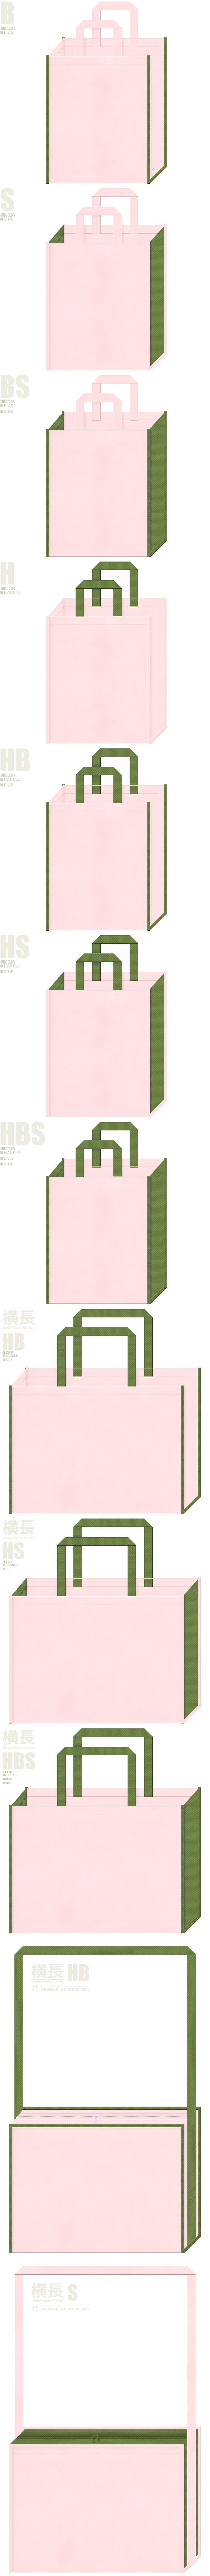 桜餅・三色団子・和菓子・和風催事にお奨めの不織布バッグデザイン:桜色と草色の配色7パターン。